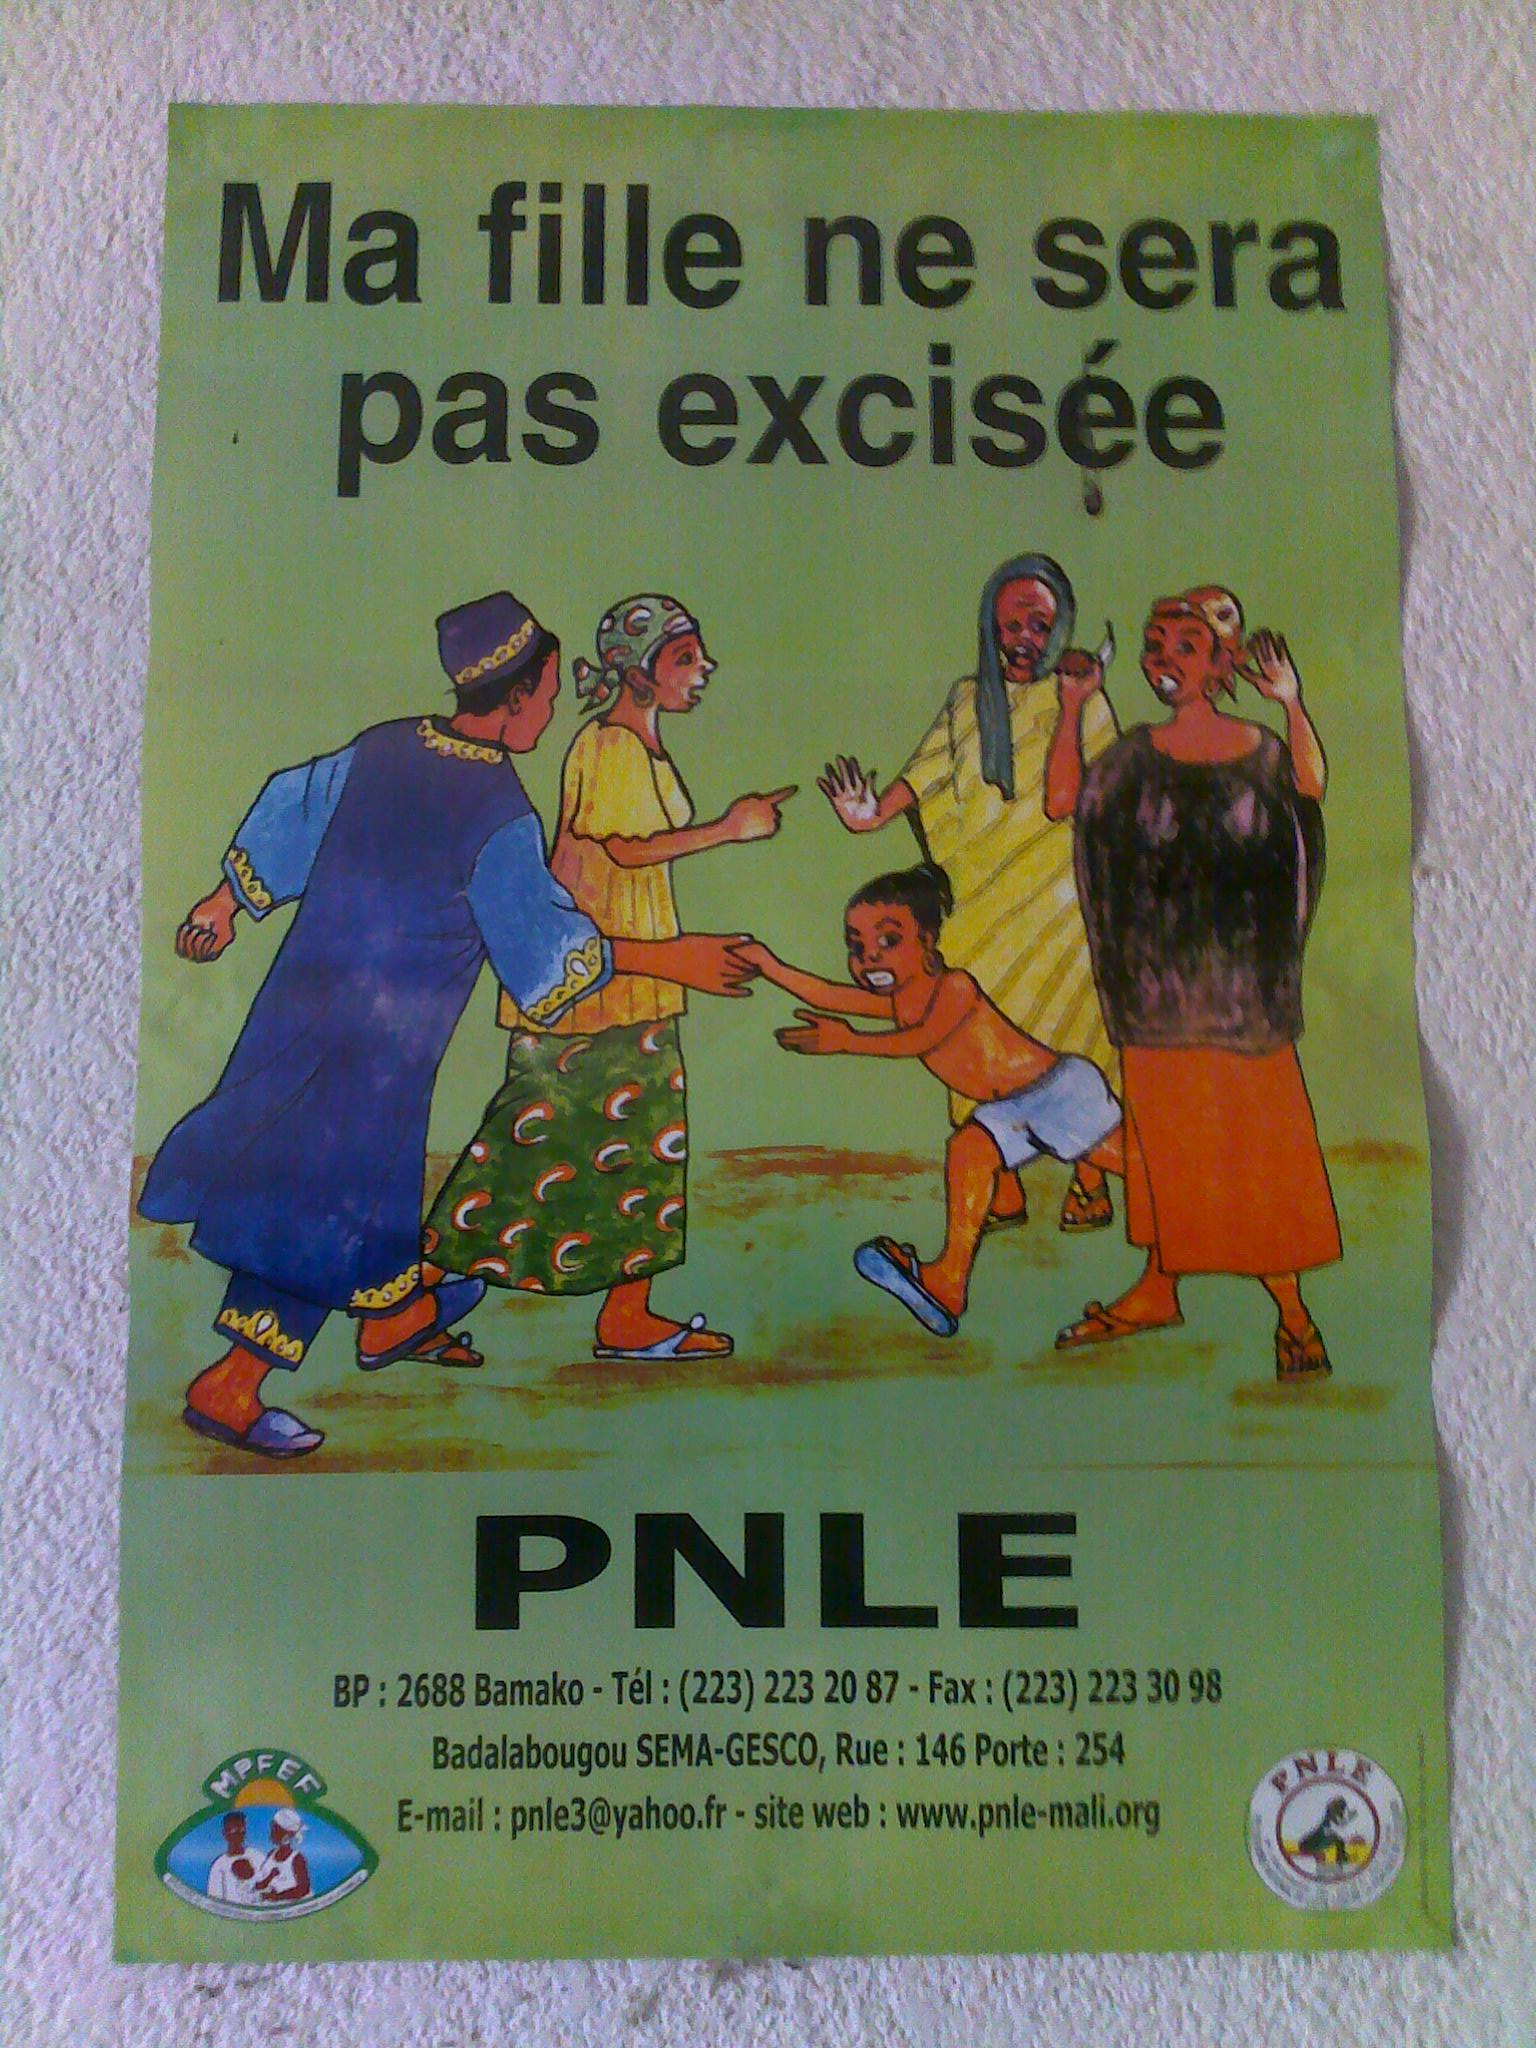 Sogona contra la mutilación genital. - Desde Rabat: Crónicas de la ...